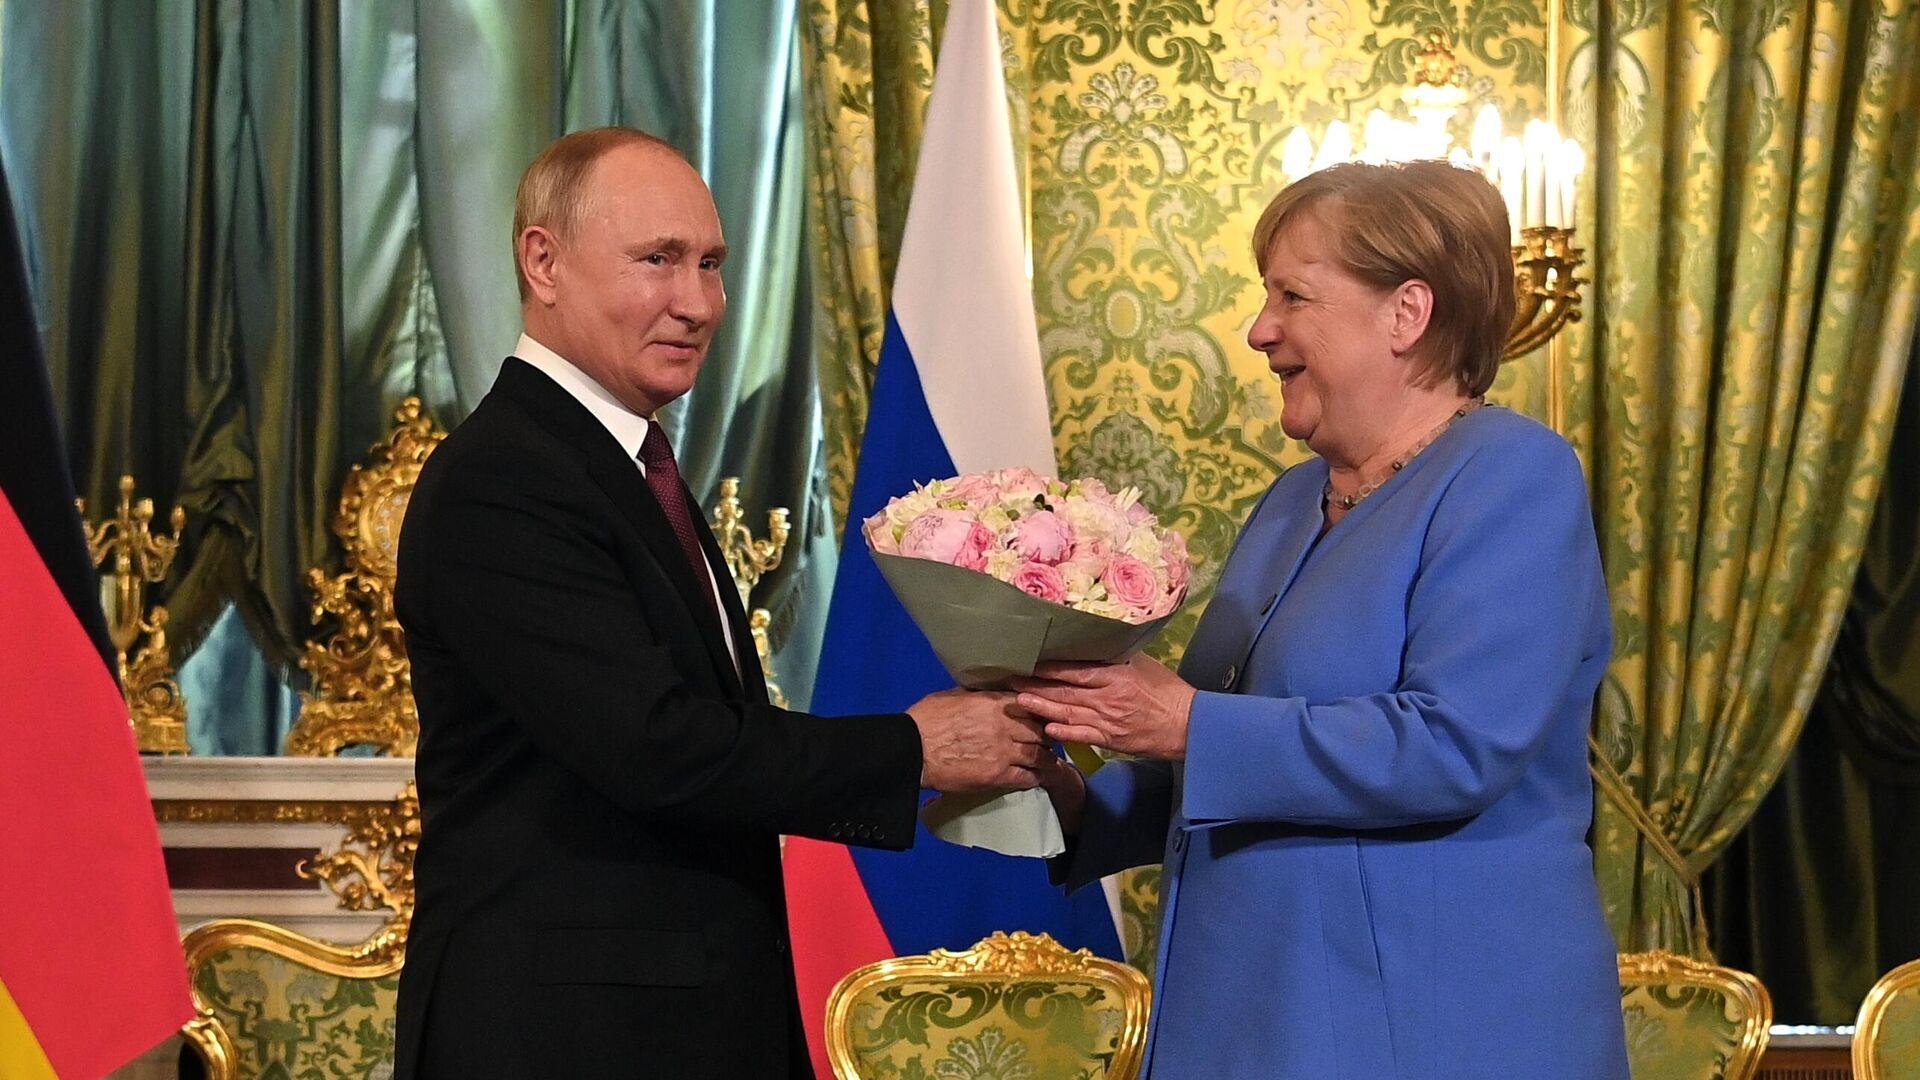 Putin regala un mazzo di fiori alla Merkel prima dei colloqui al Cremlino - Sputnik Italia, 1920, 20.08.2021